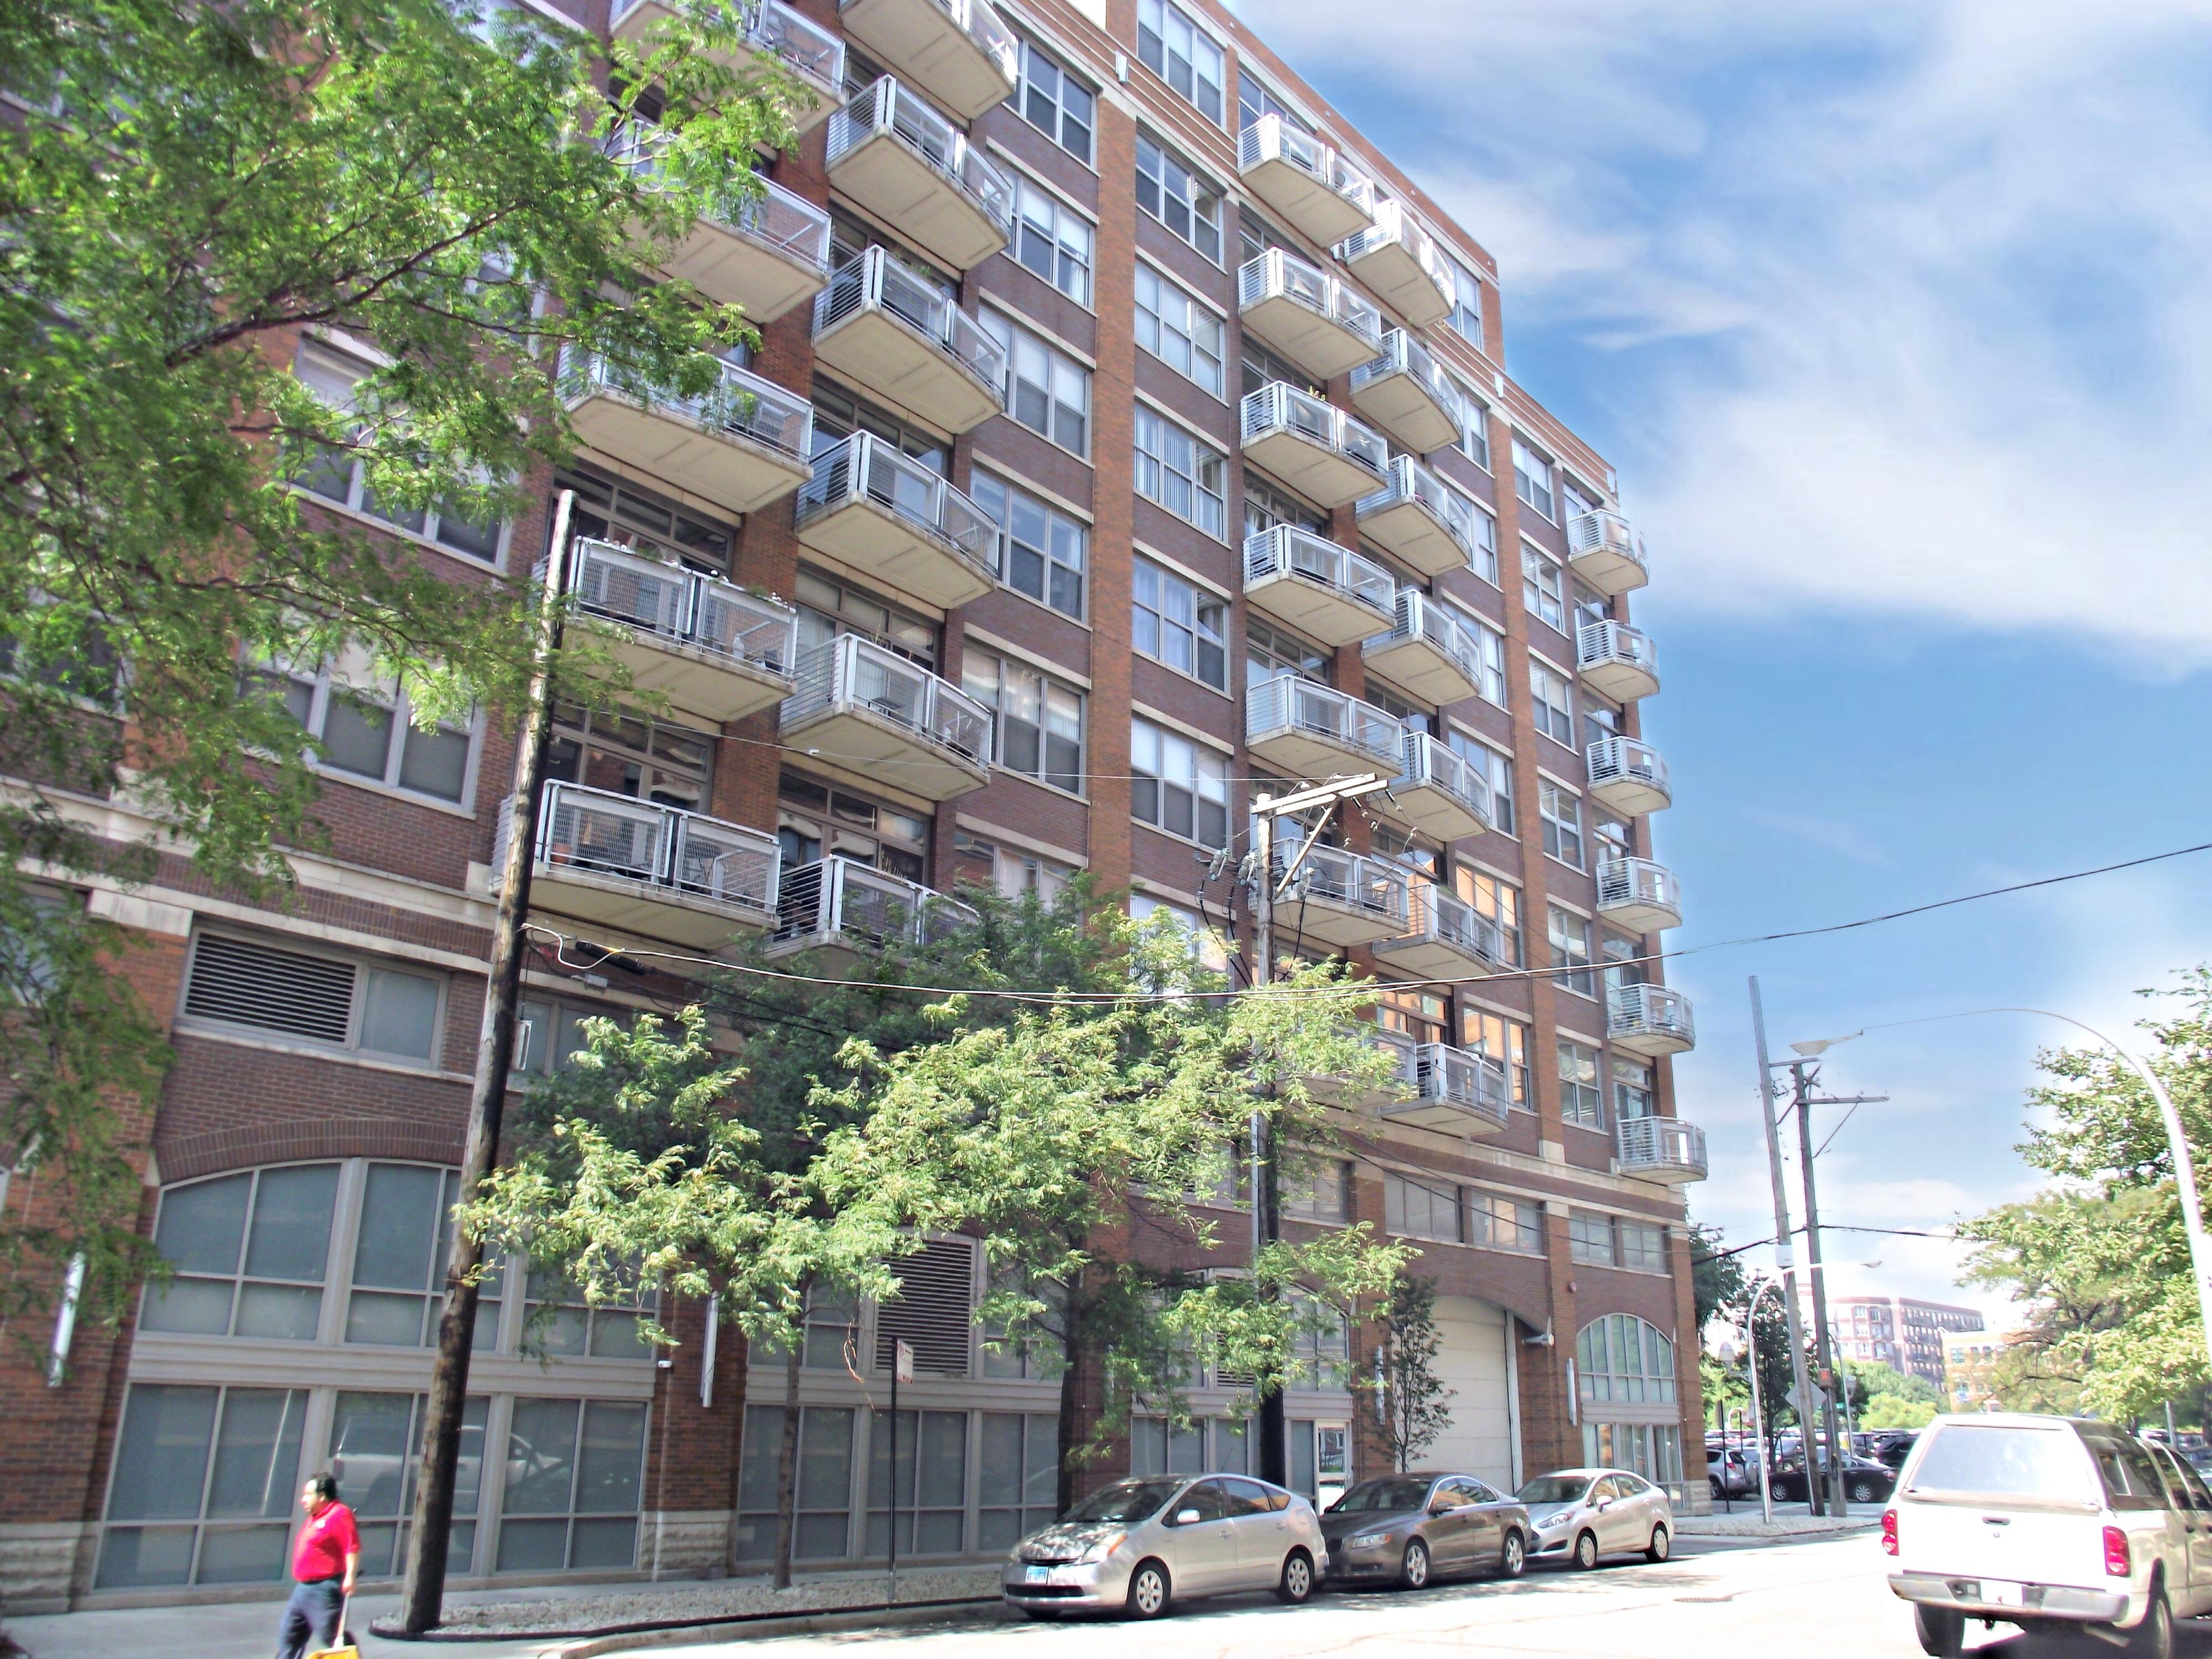 933 W. Van Buren Chicago IL